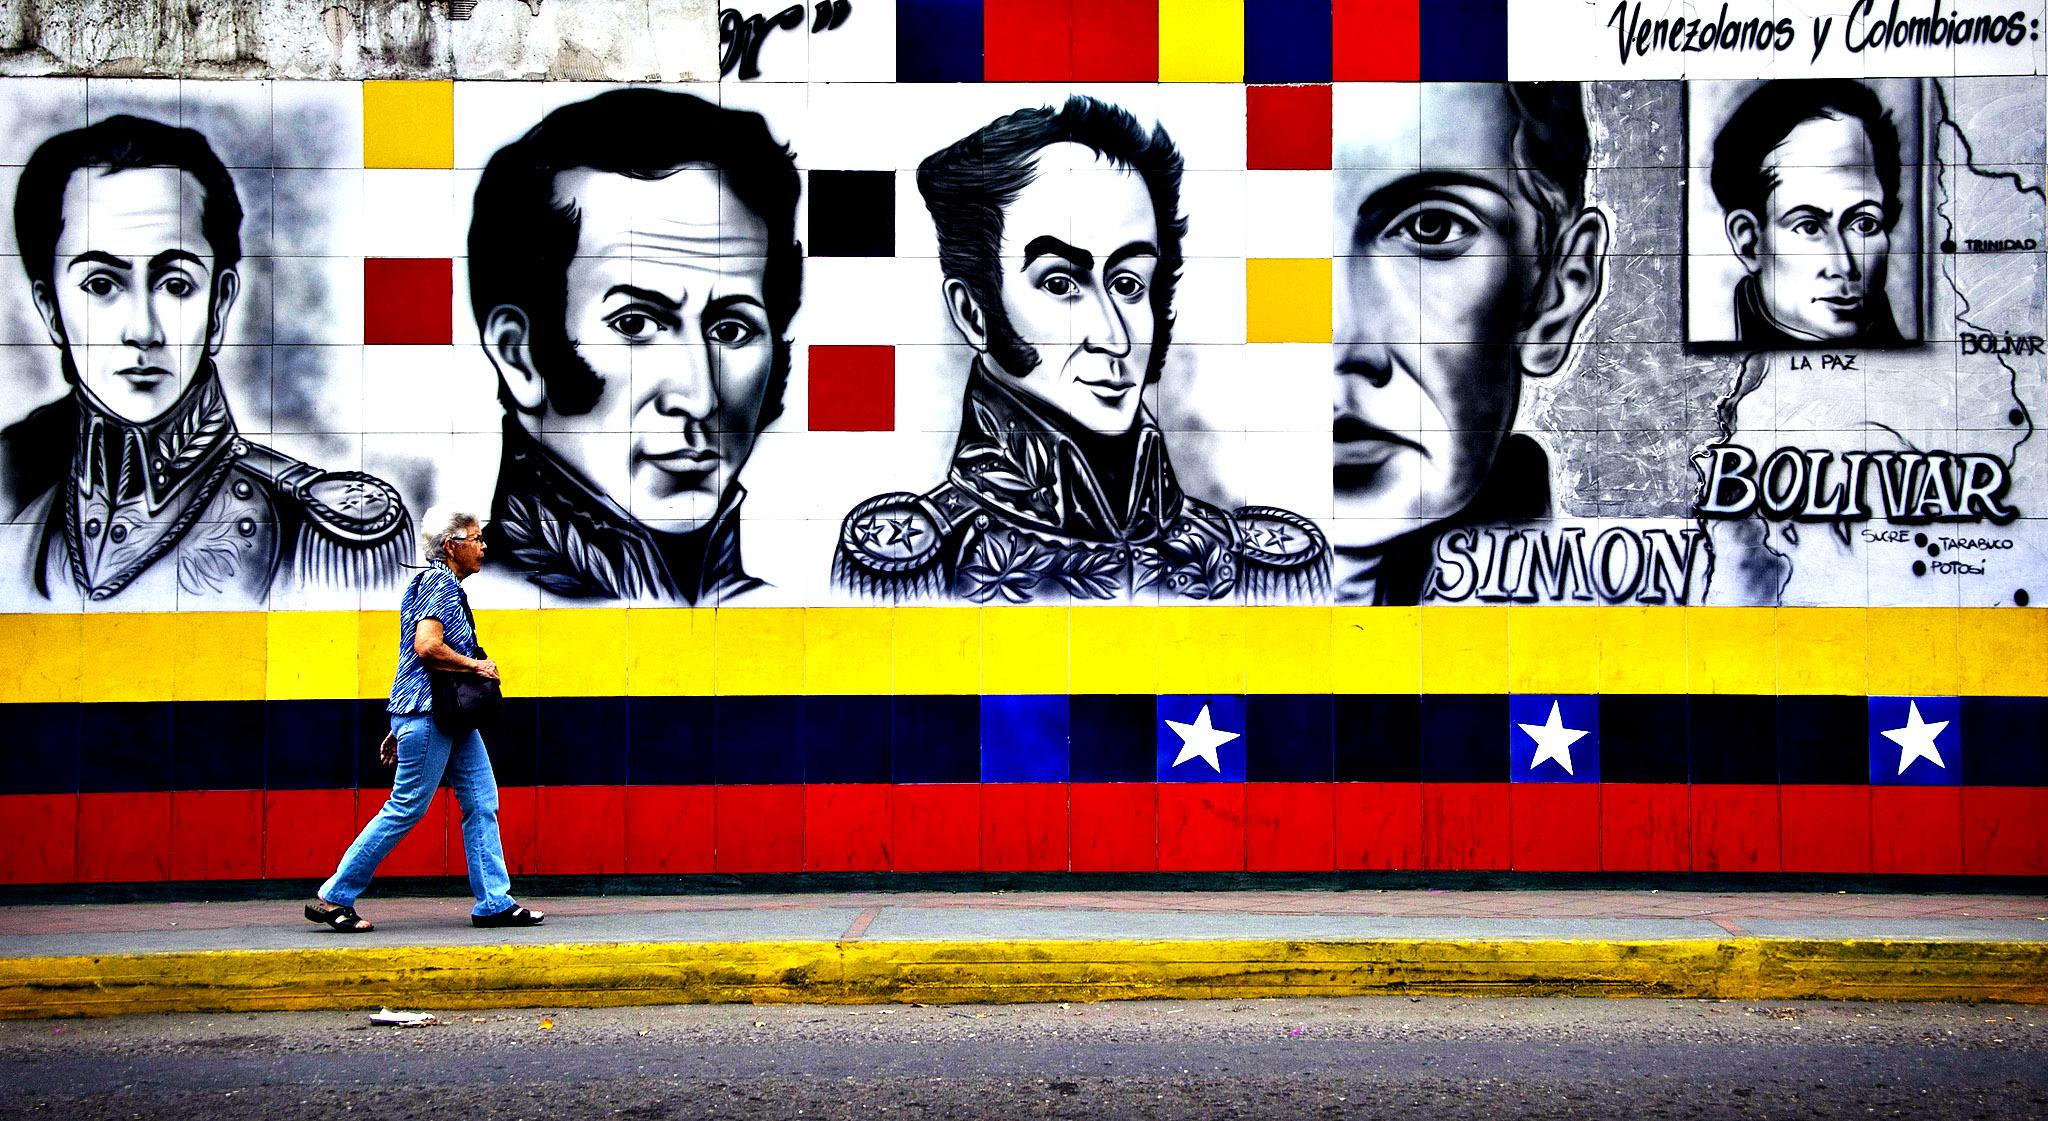 venezuela cris